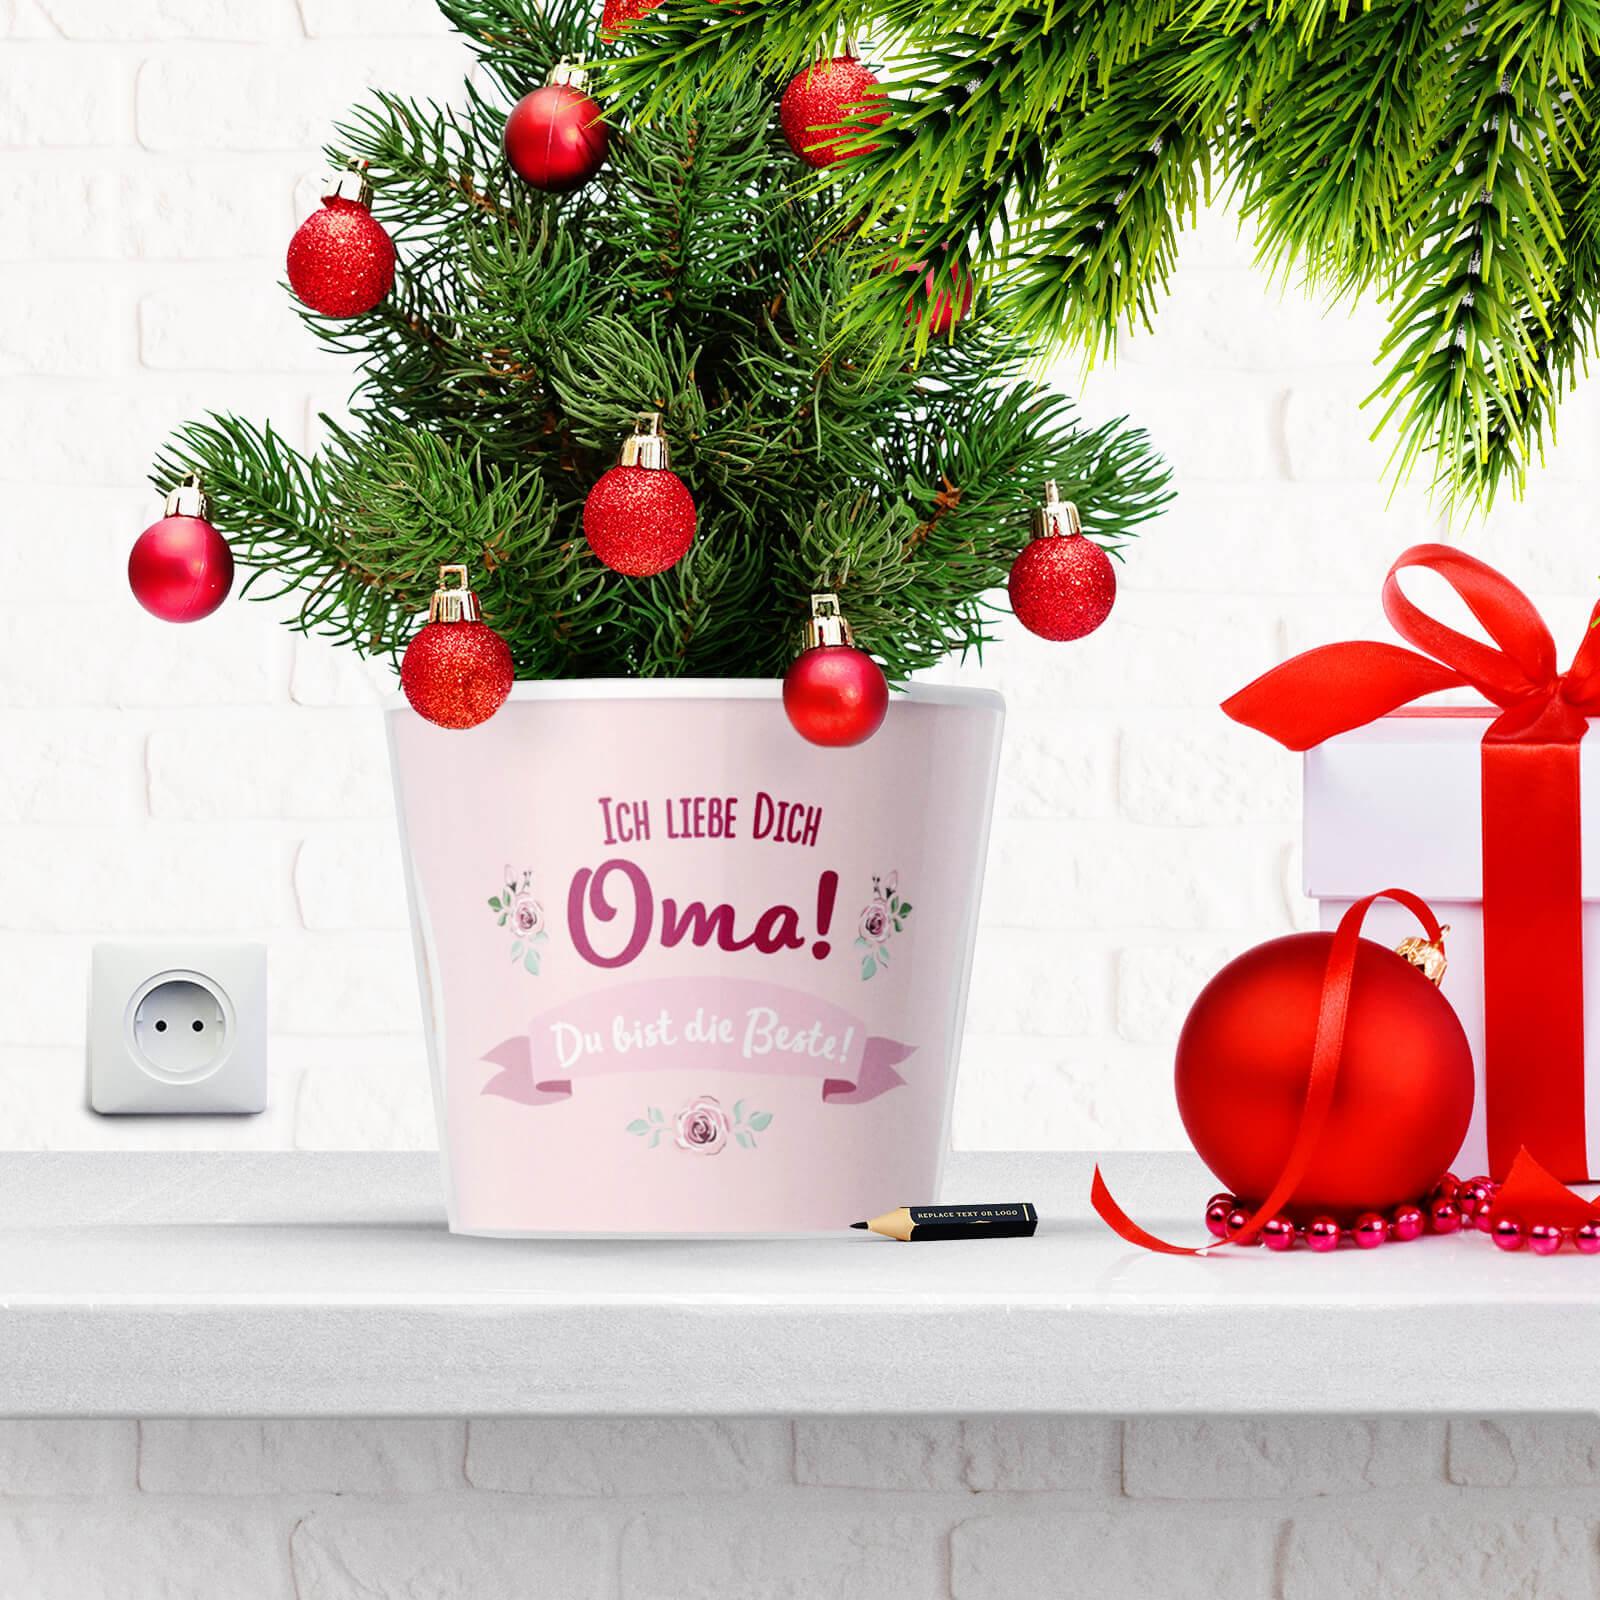 Weihnachtsgeschenk: Oma Ich Liebe Dich